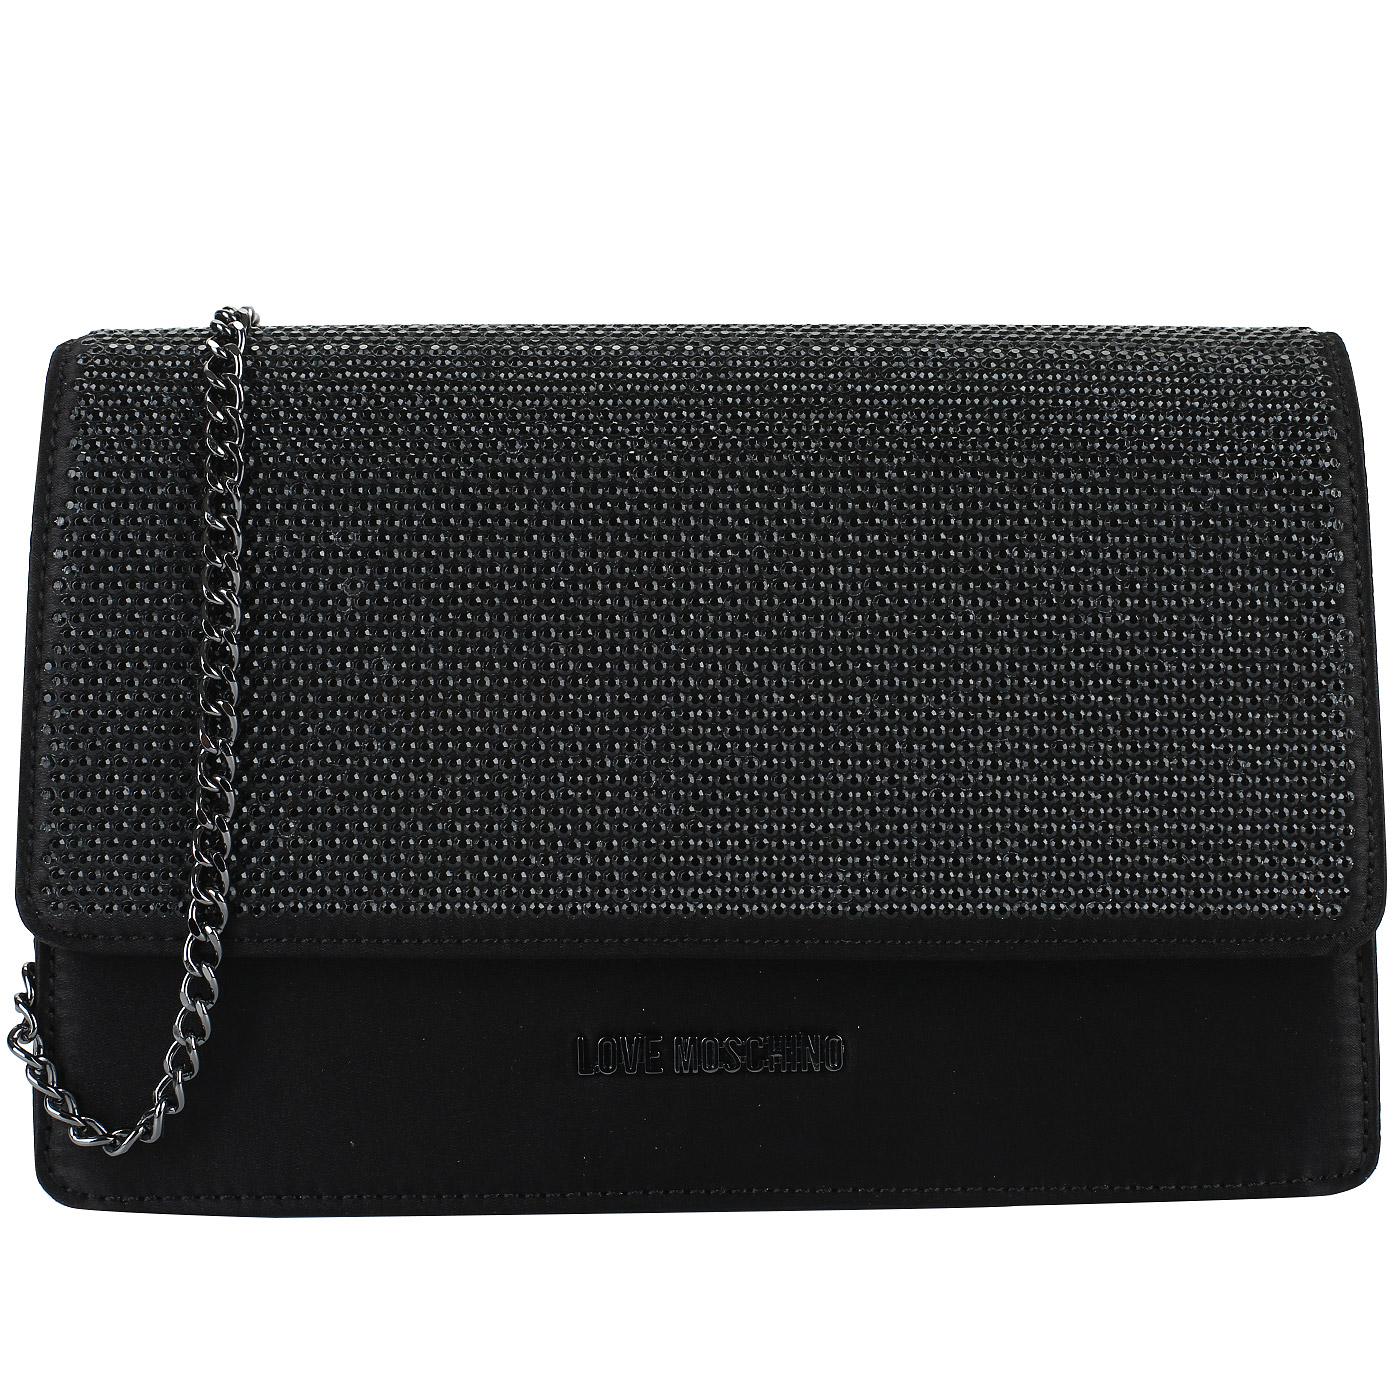 32d1d56390e9 Черный клатч на цепочке Love Moschino Evening bag JC4164PP16_000 ...